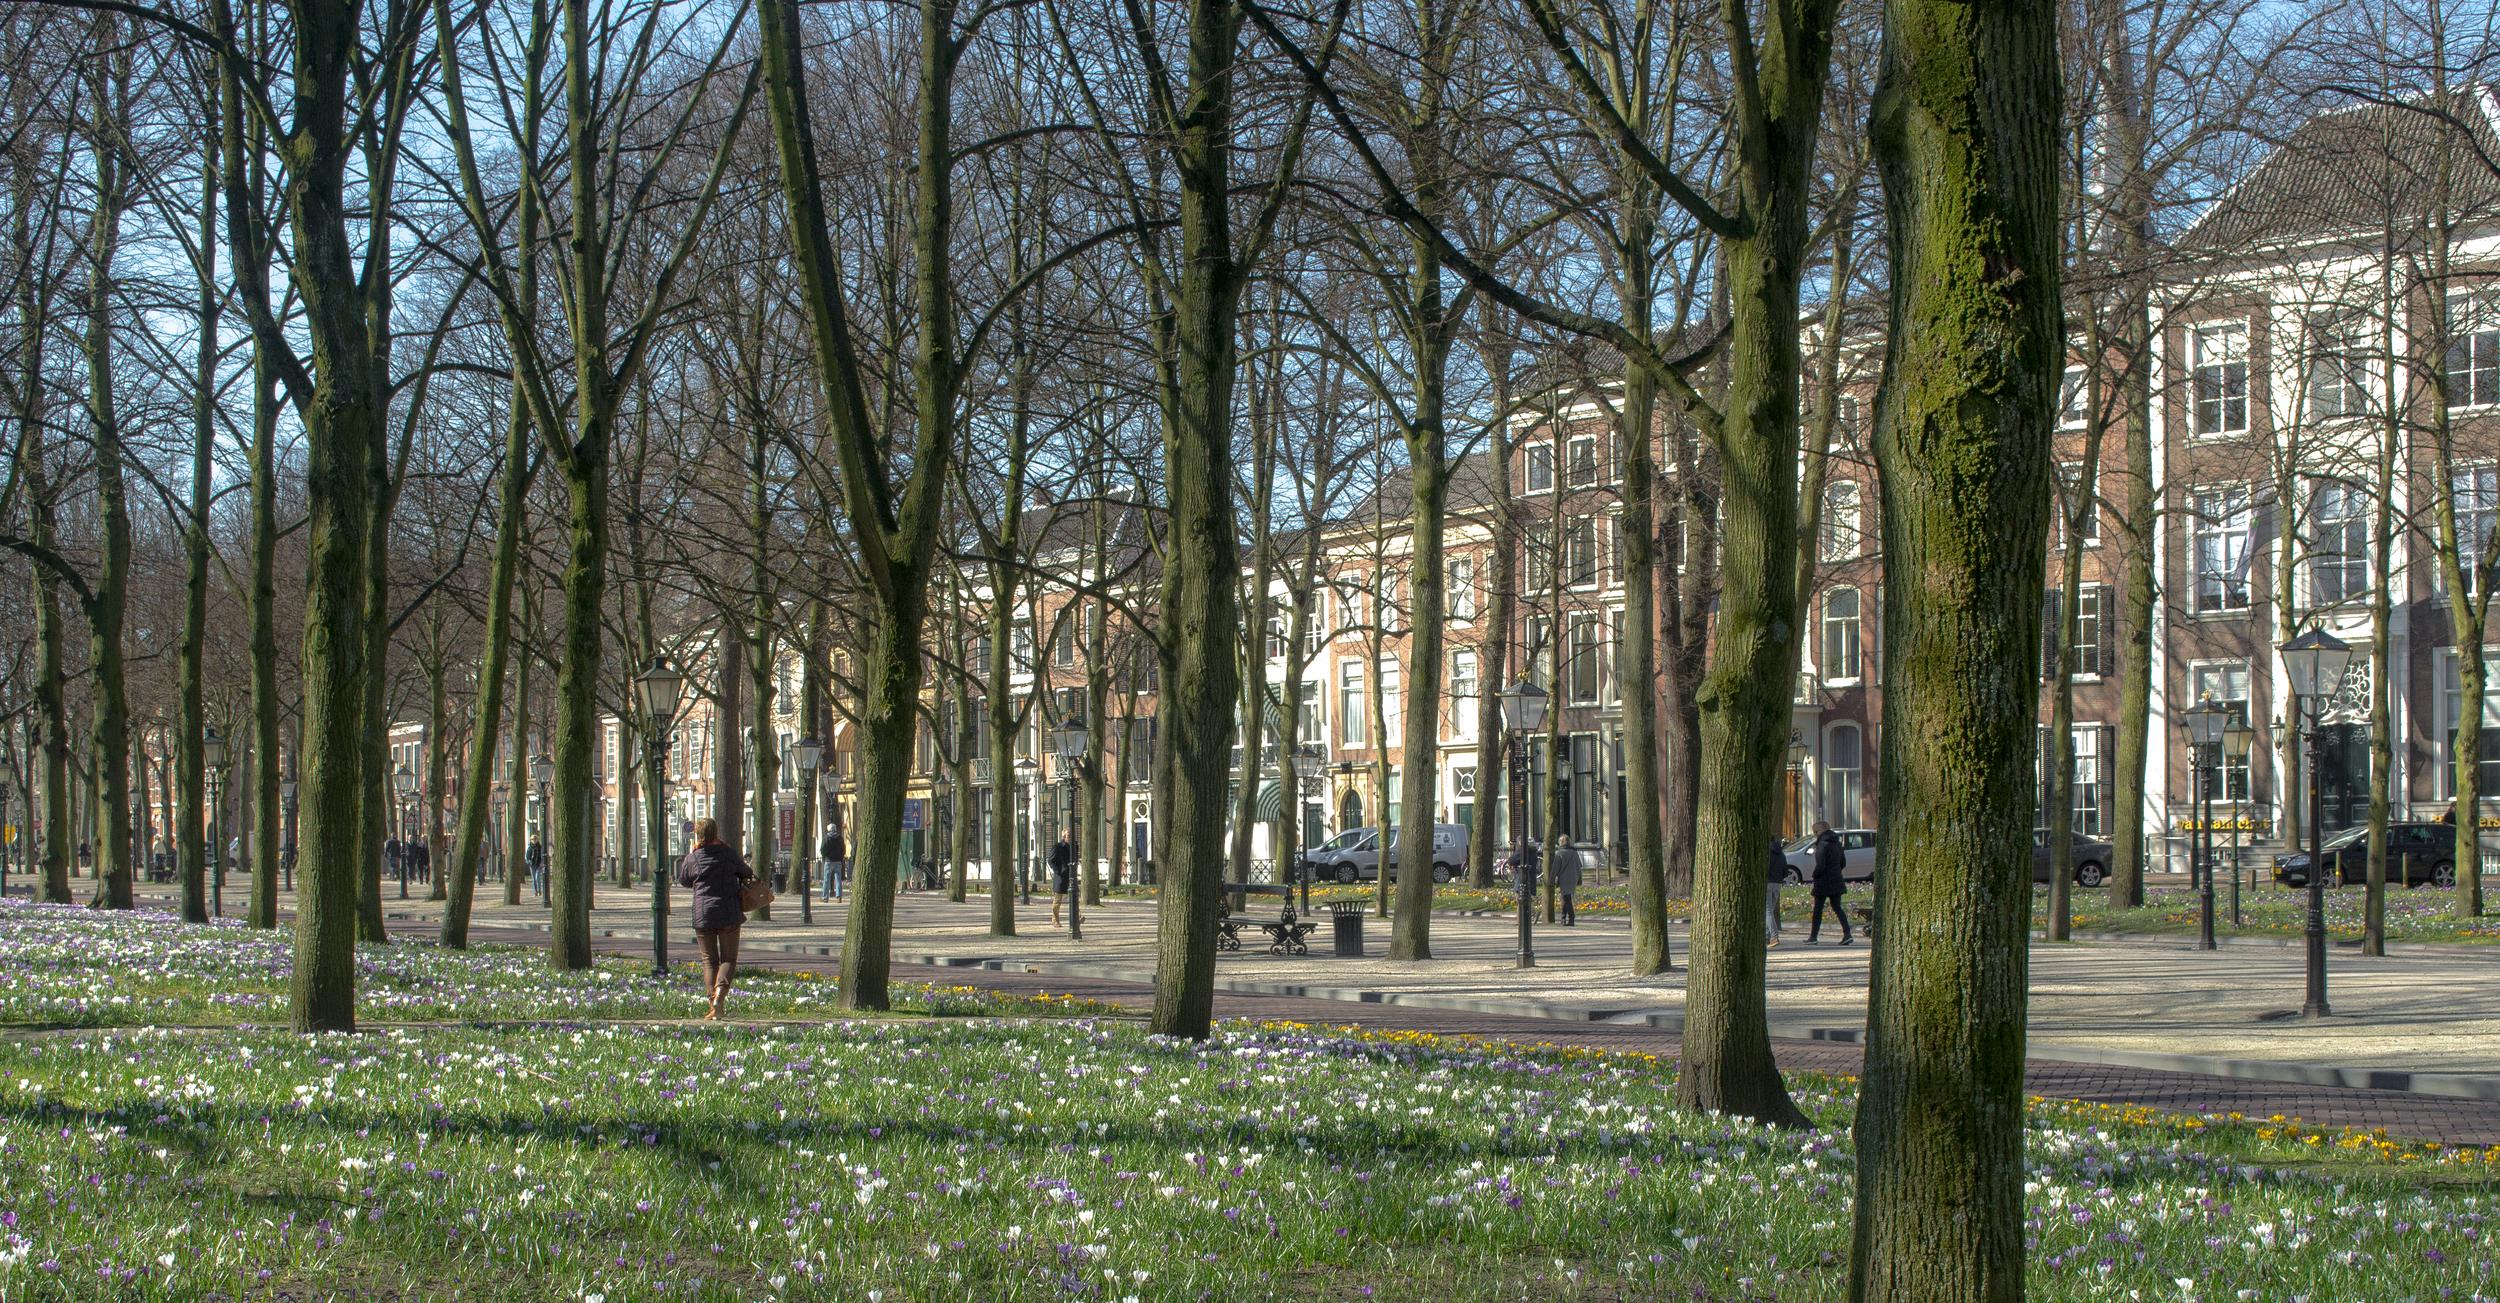 The Hague promenade